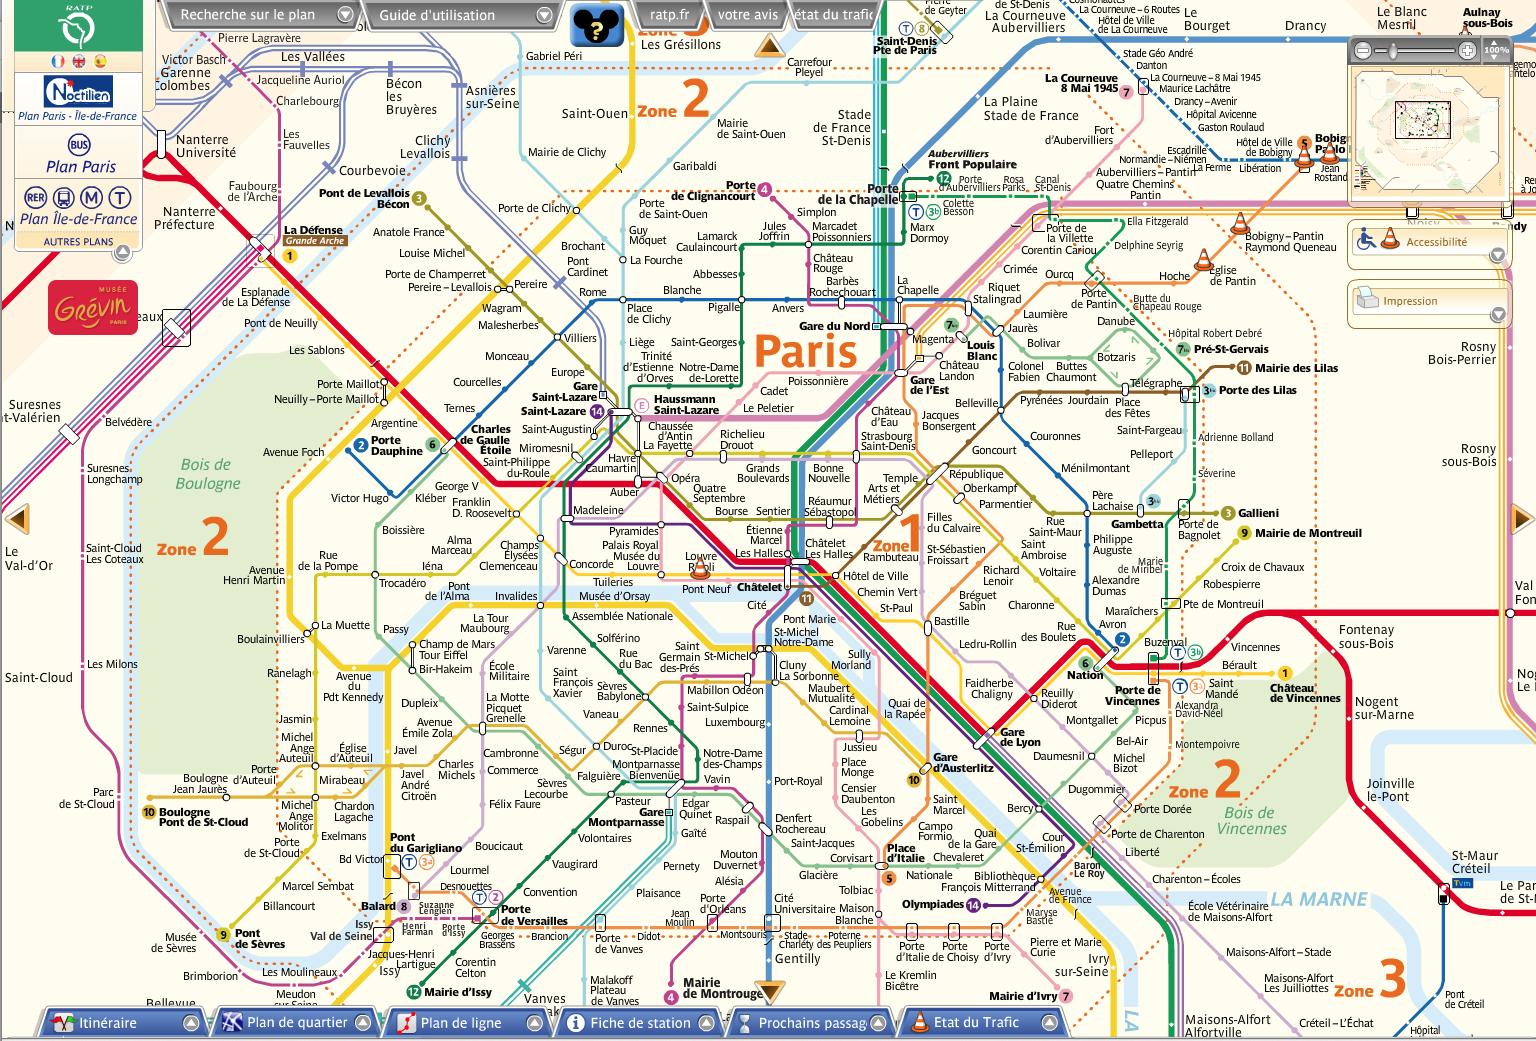 Le plan du métro comme métaphore spatiale et cognitive dans la